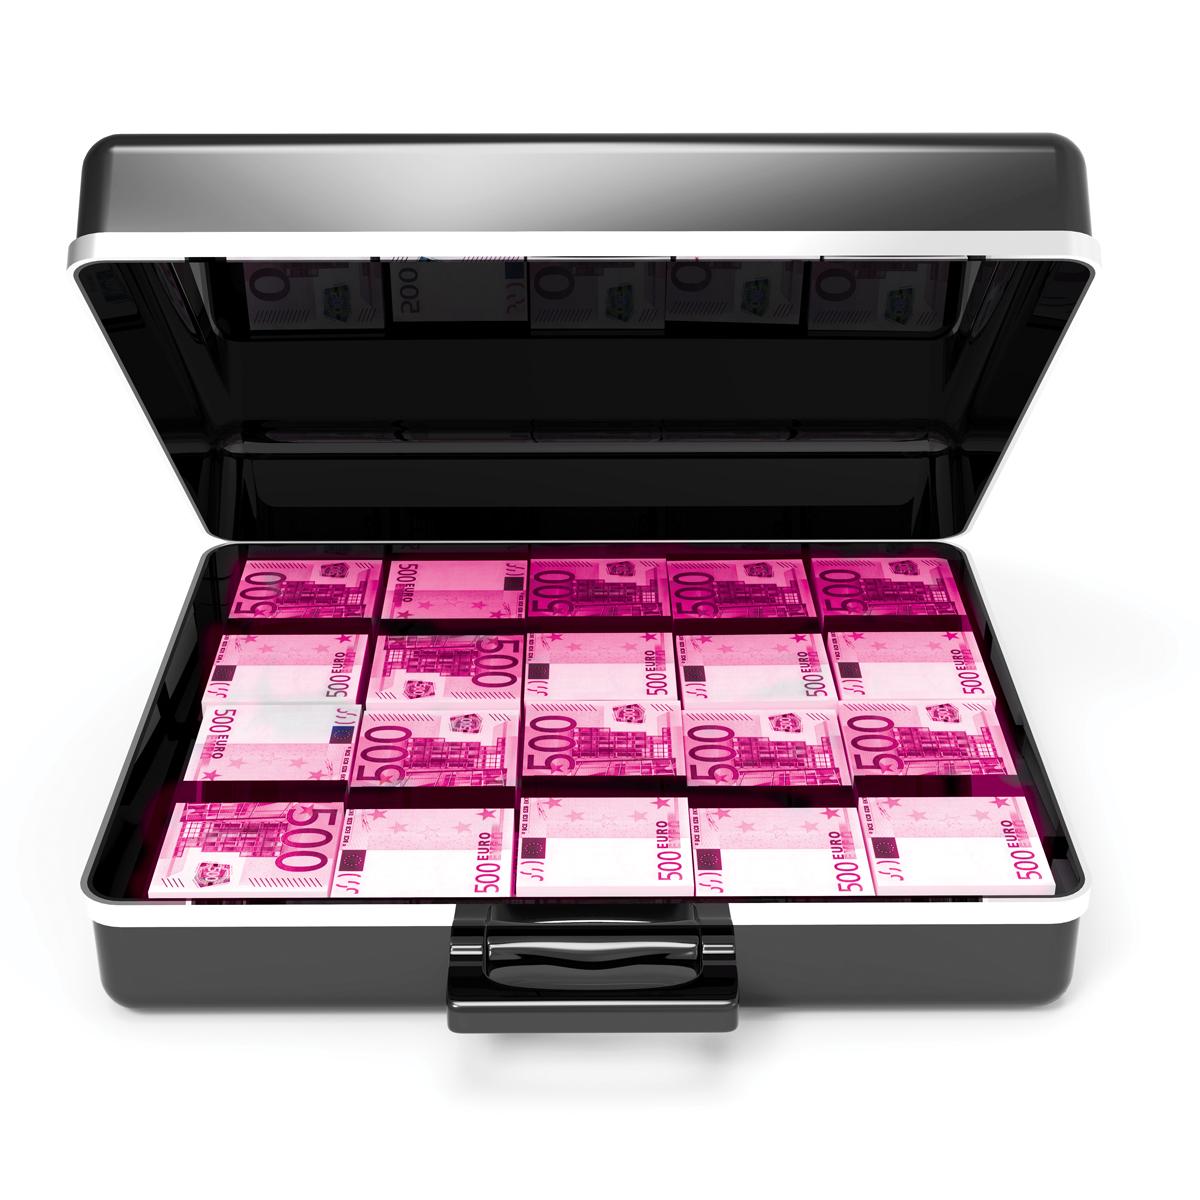 3d Open briefcase